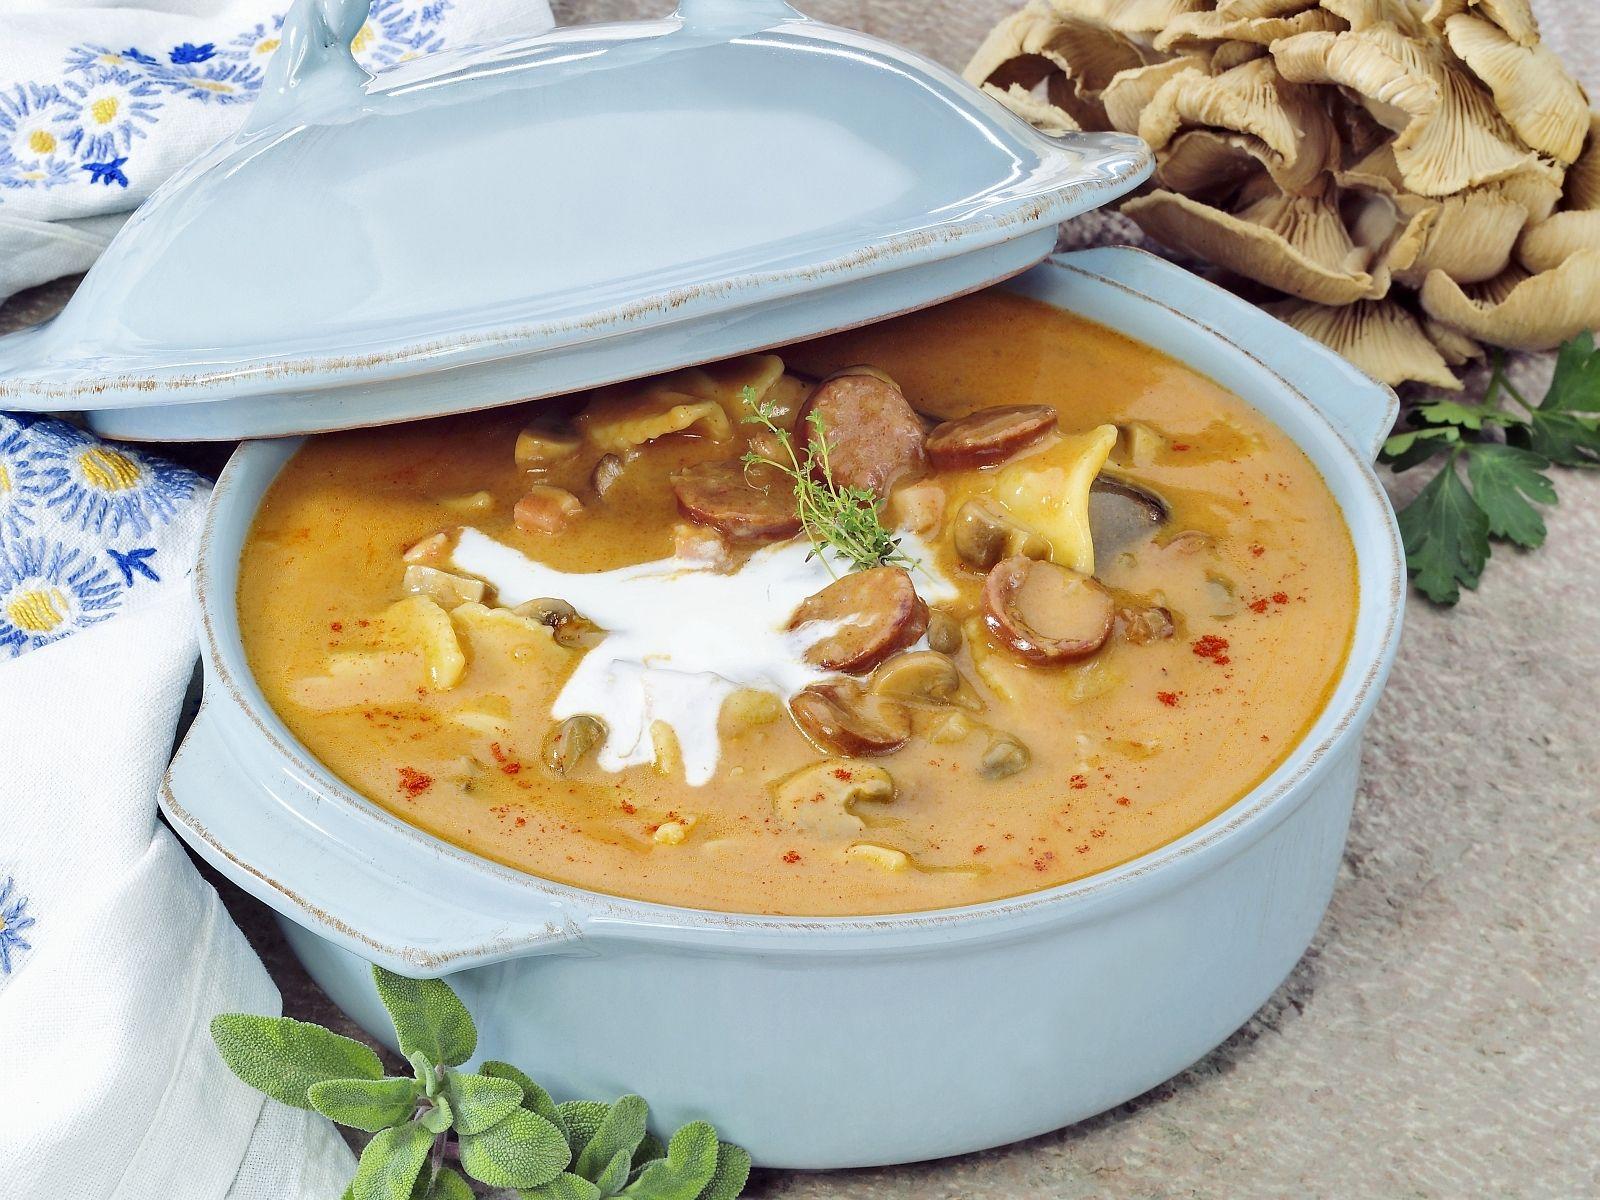 Ungarische Küche | Ungarische Suppe Mit Wurstchen Pilzen Und Saurer Sahne Rezept Eat